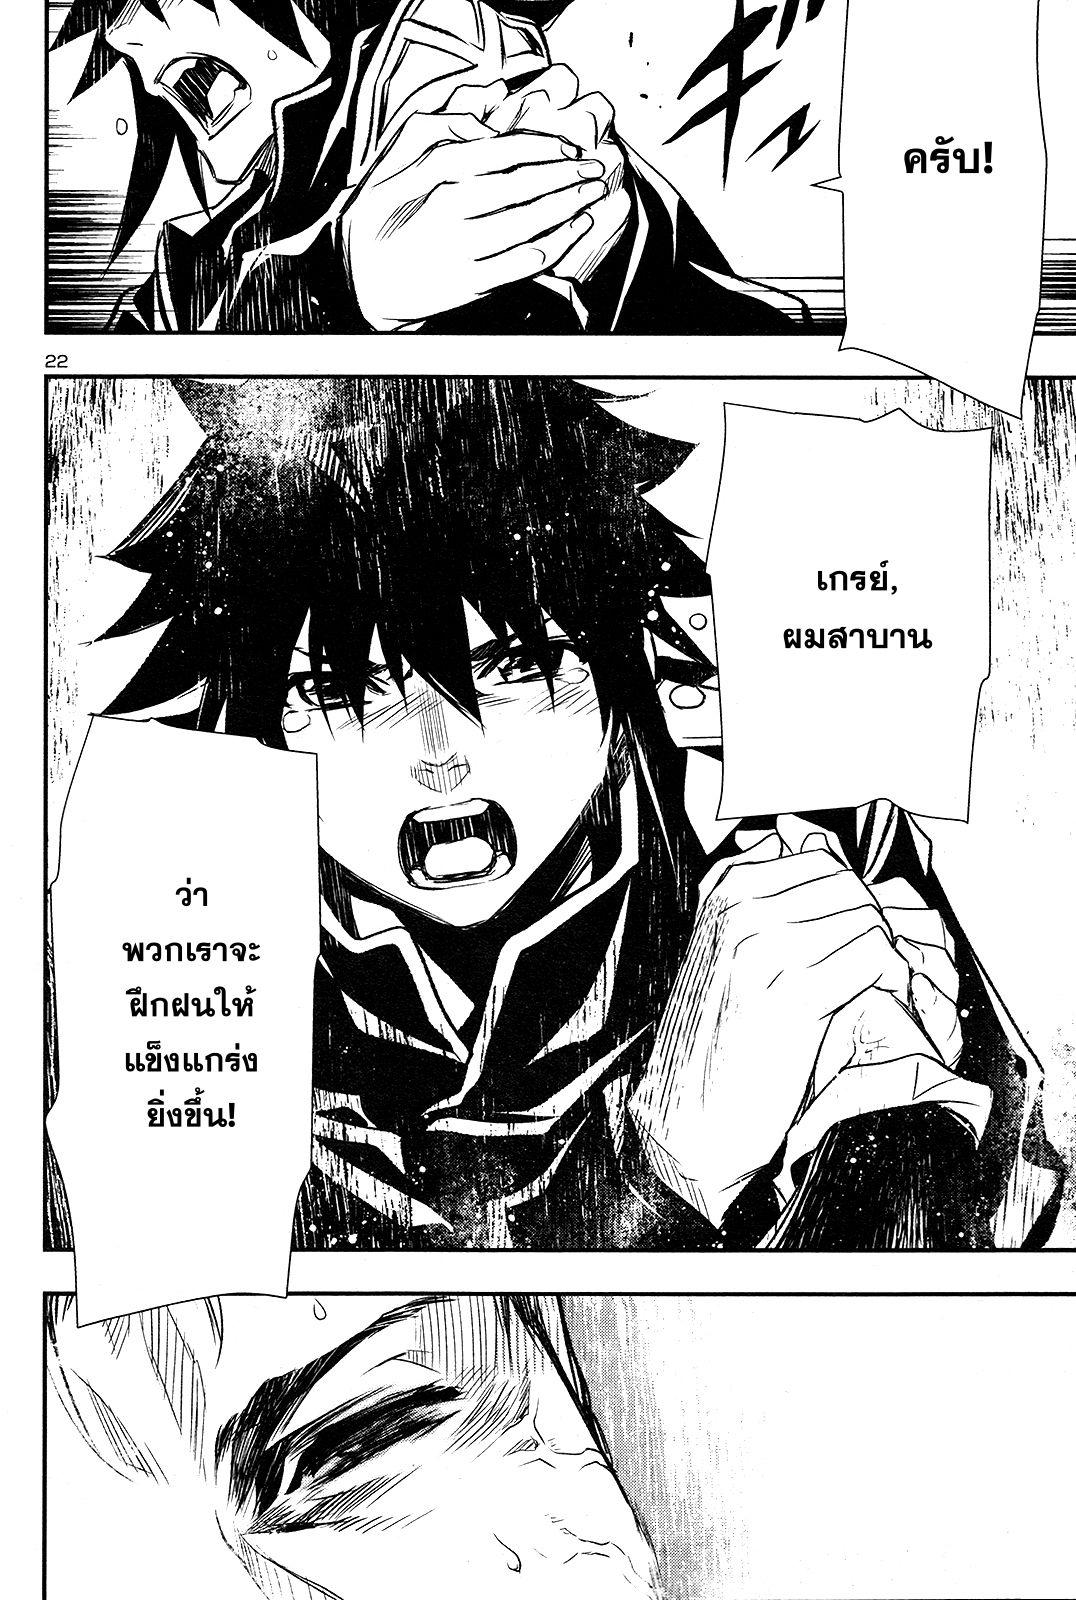 อ่านการ์ตูน Shinju no Nectar ตอนที่ 4 หน้าที่ 22